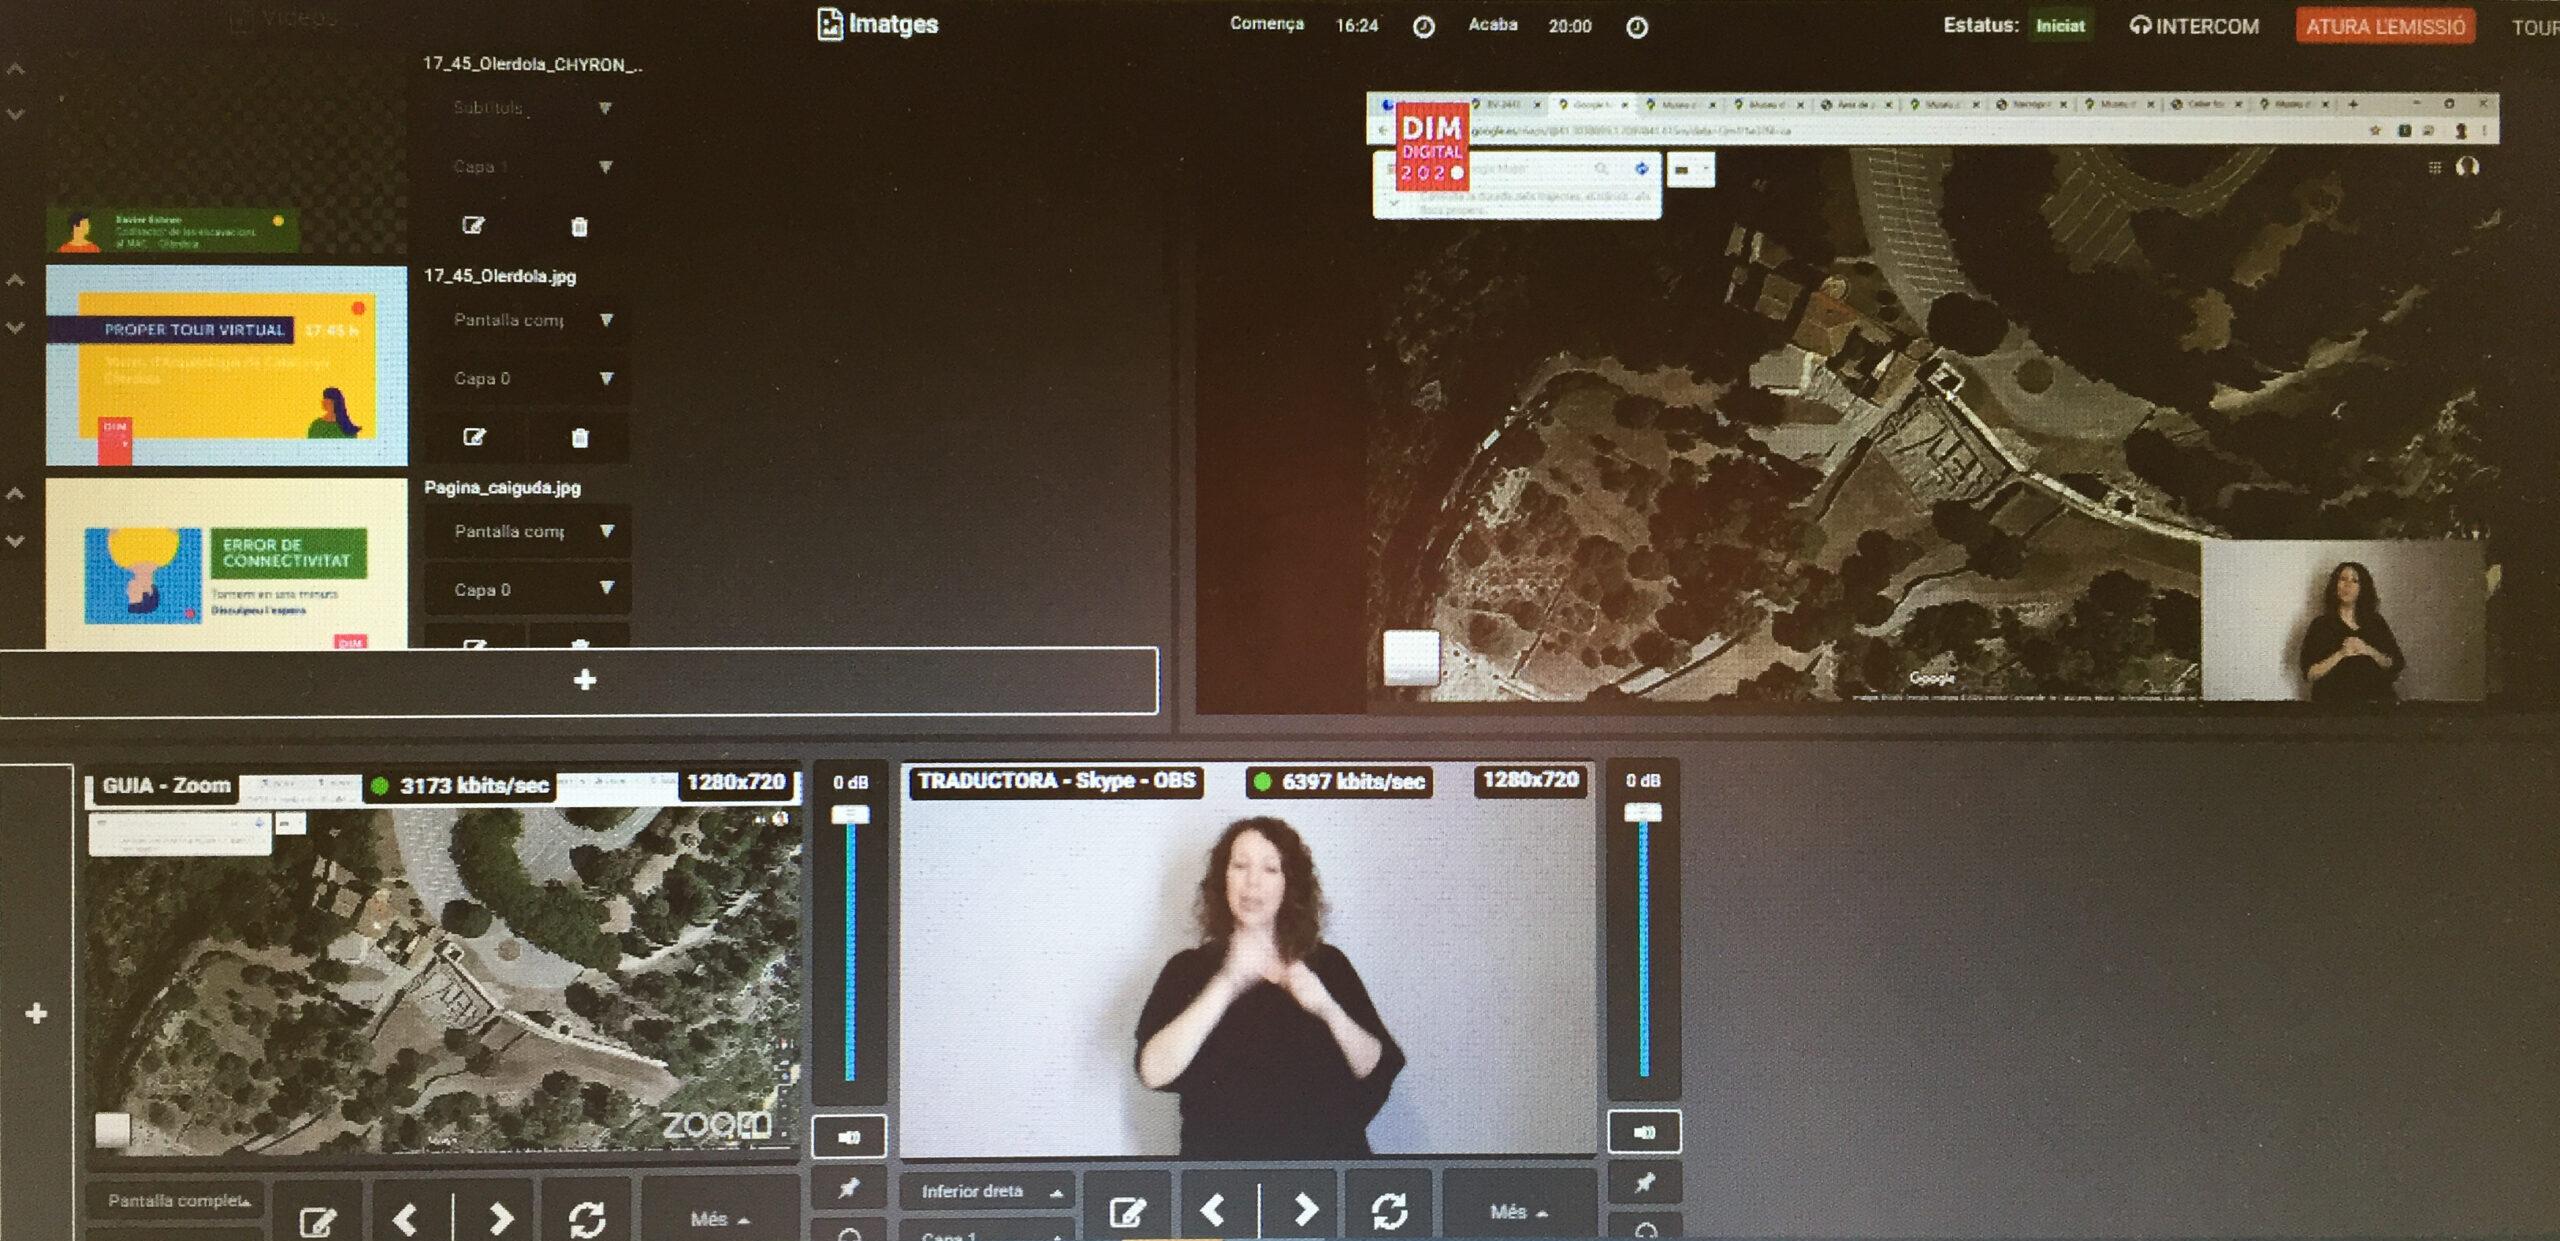 Producció d'esdeveniments virtuals - Iuris.doc